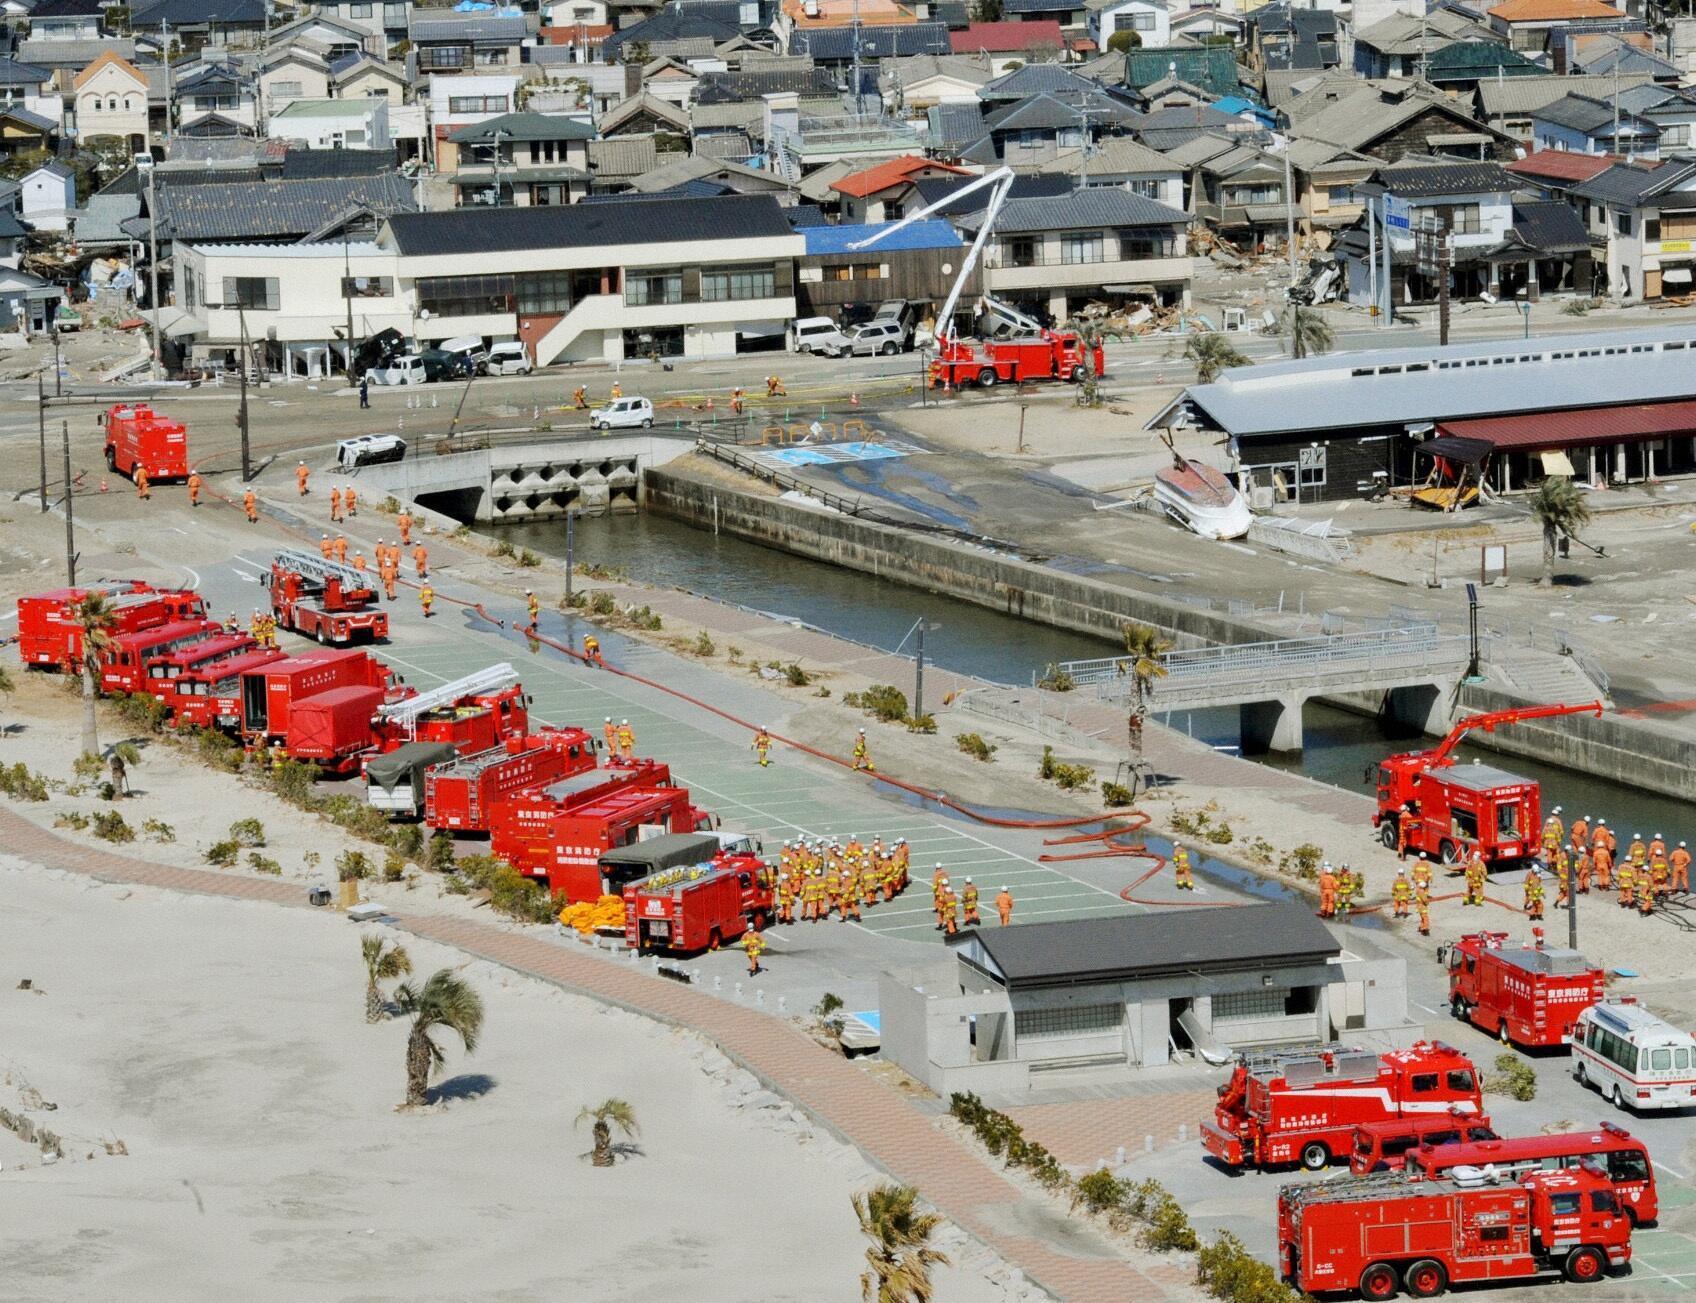 Caminhões-cisterna preparam para invervir em Fukushima, no dia 18 março de 2011.